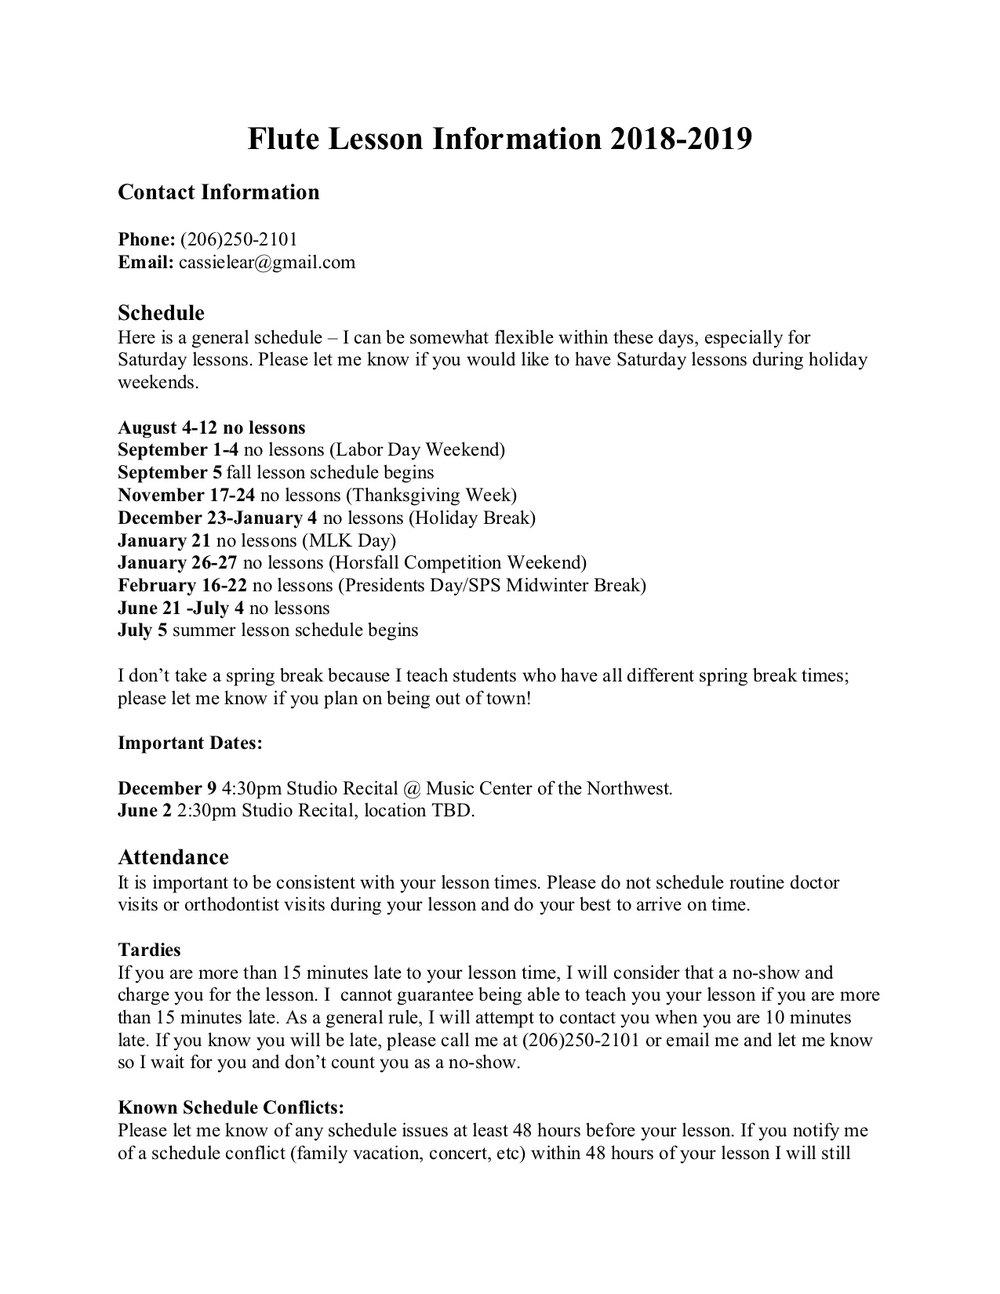 Flute Lesson Information 2019.jpg